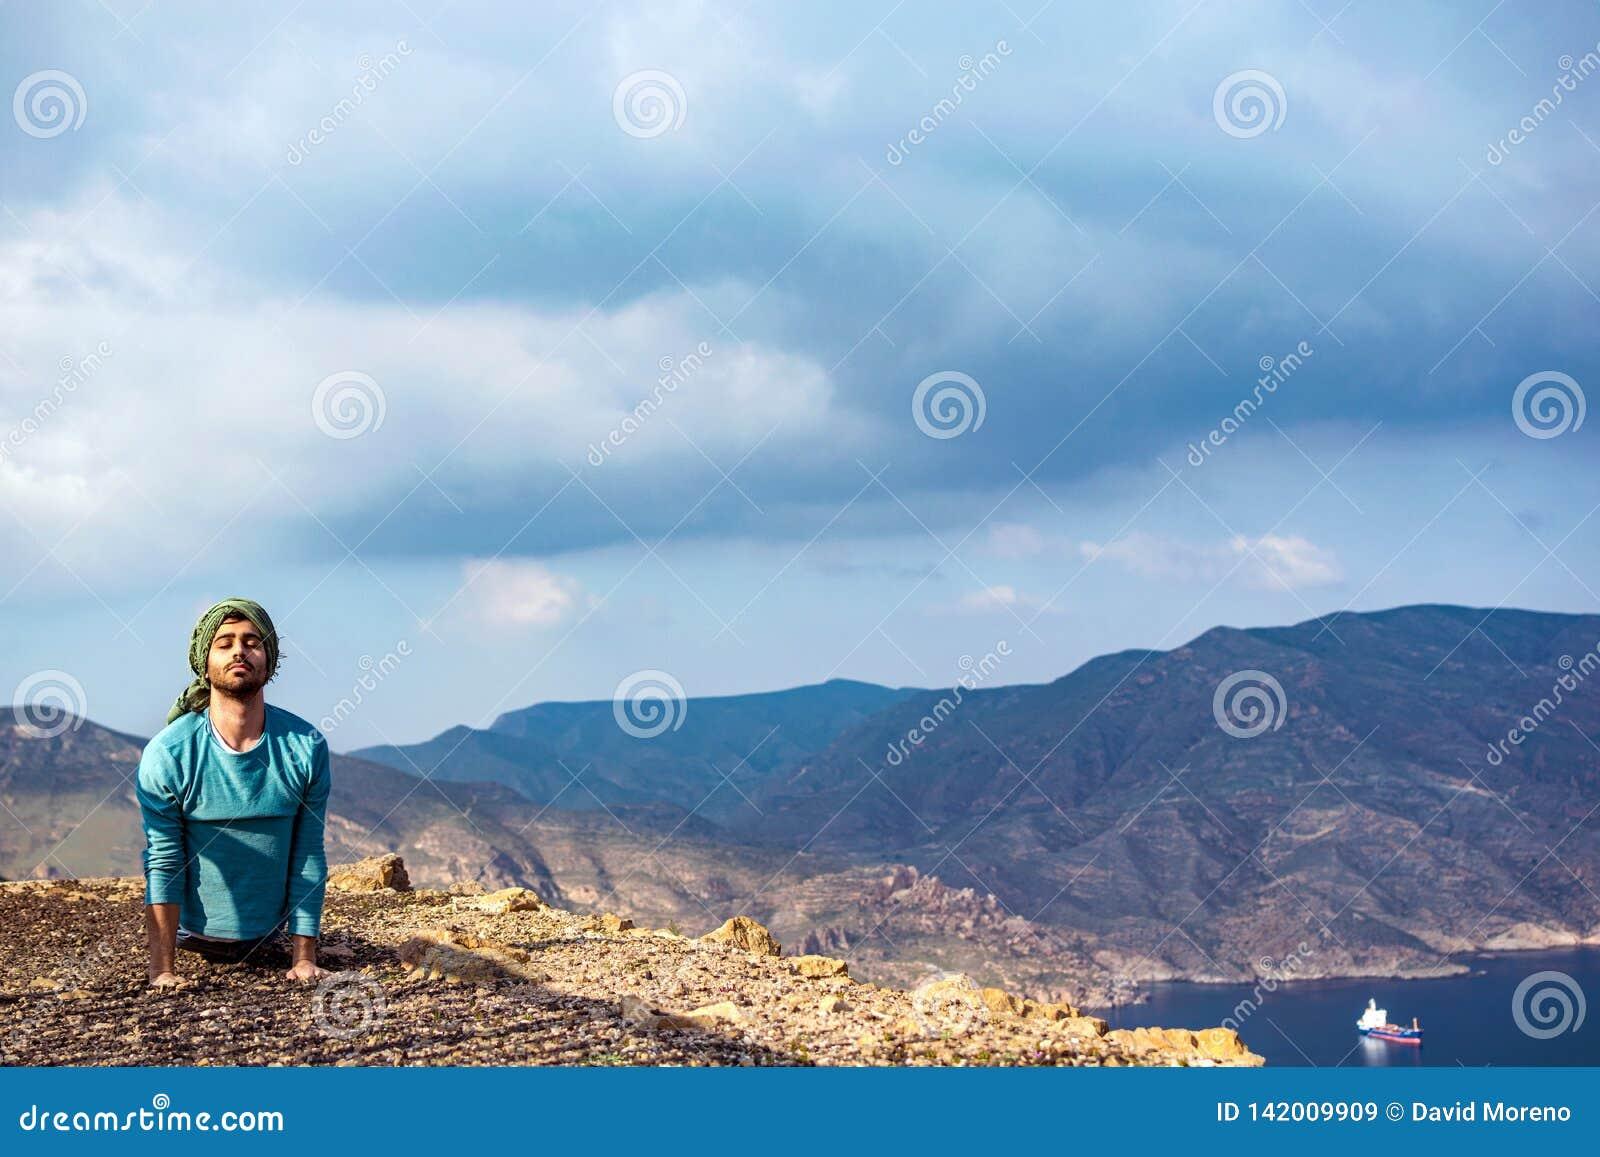 小山上缘执行瑜伽的峭壁岩石的年轻印度人